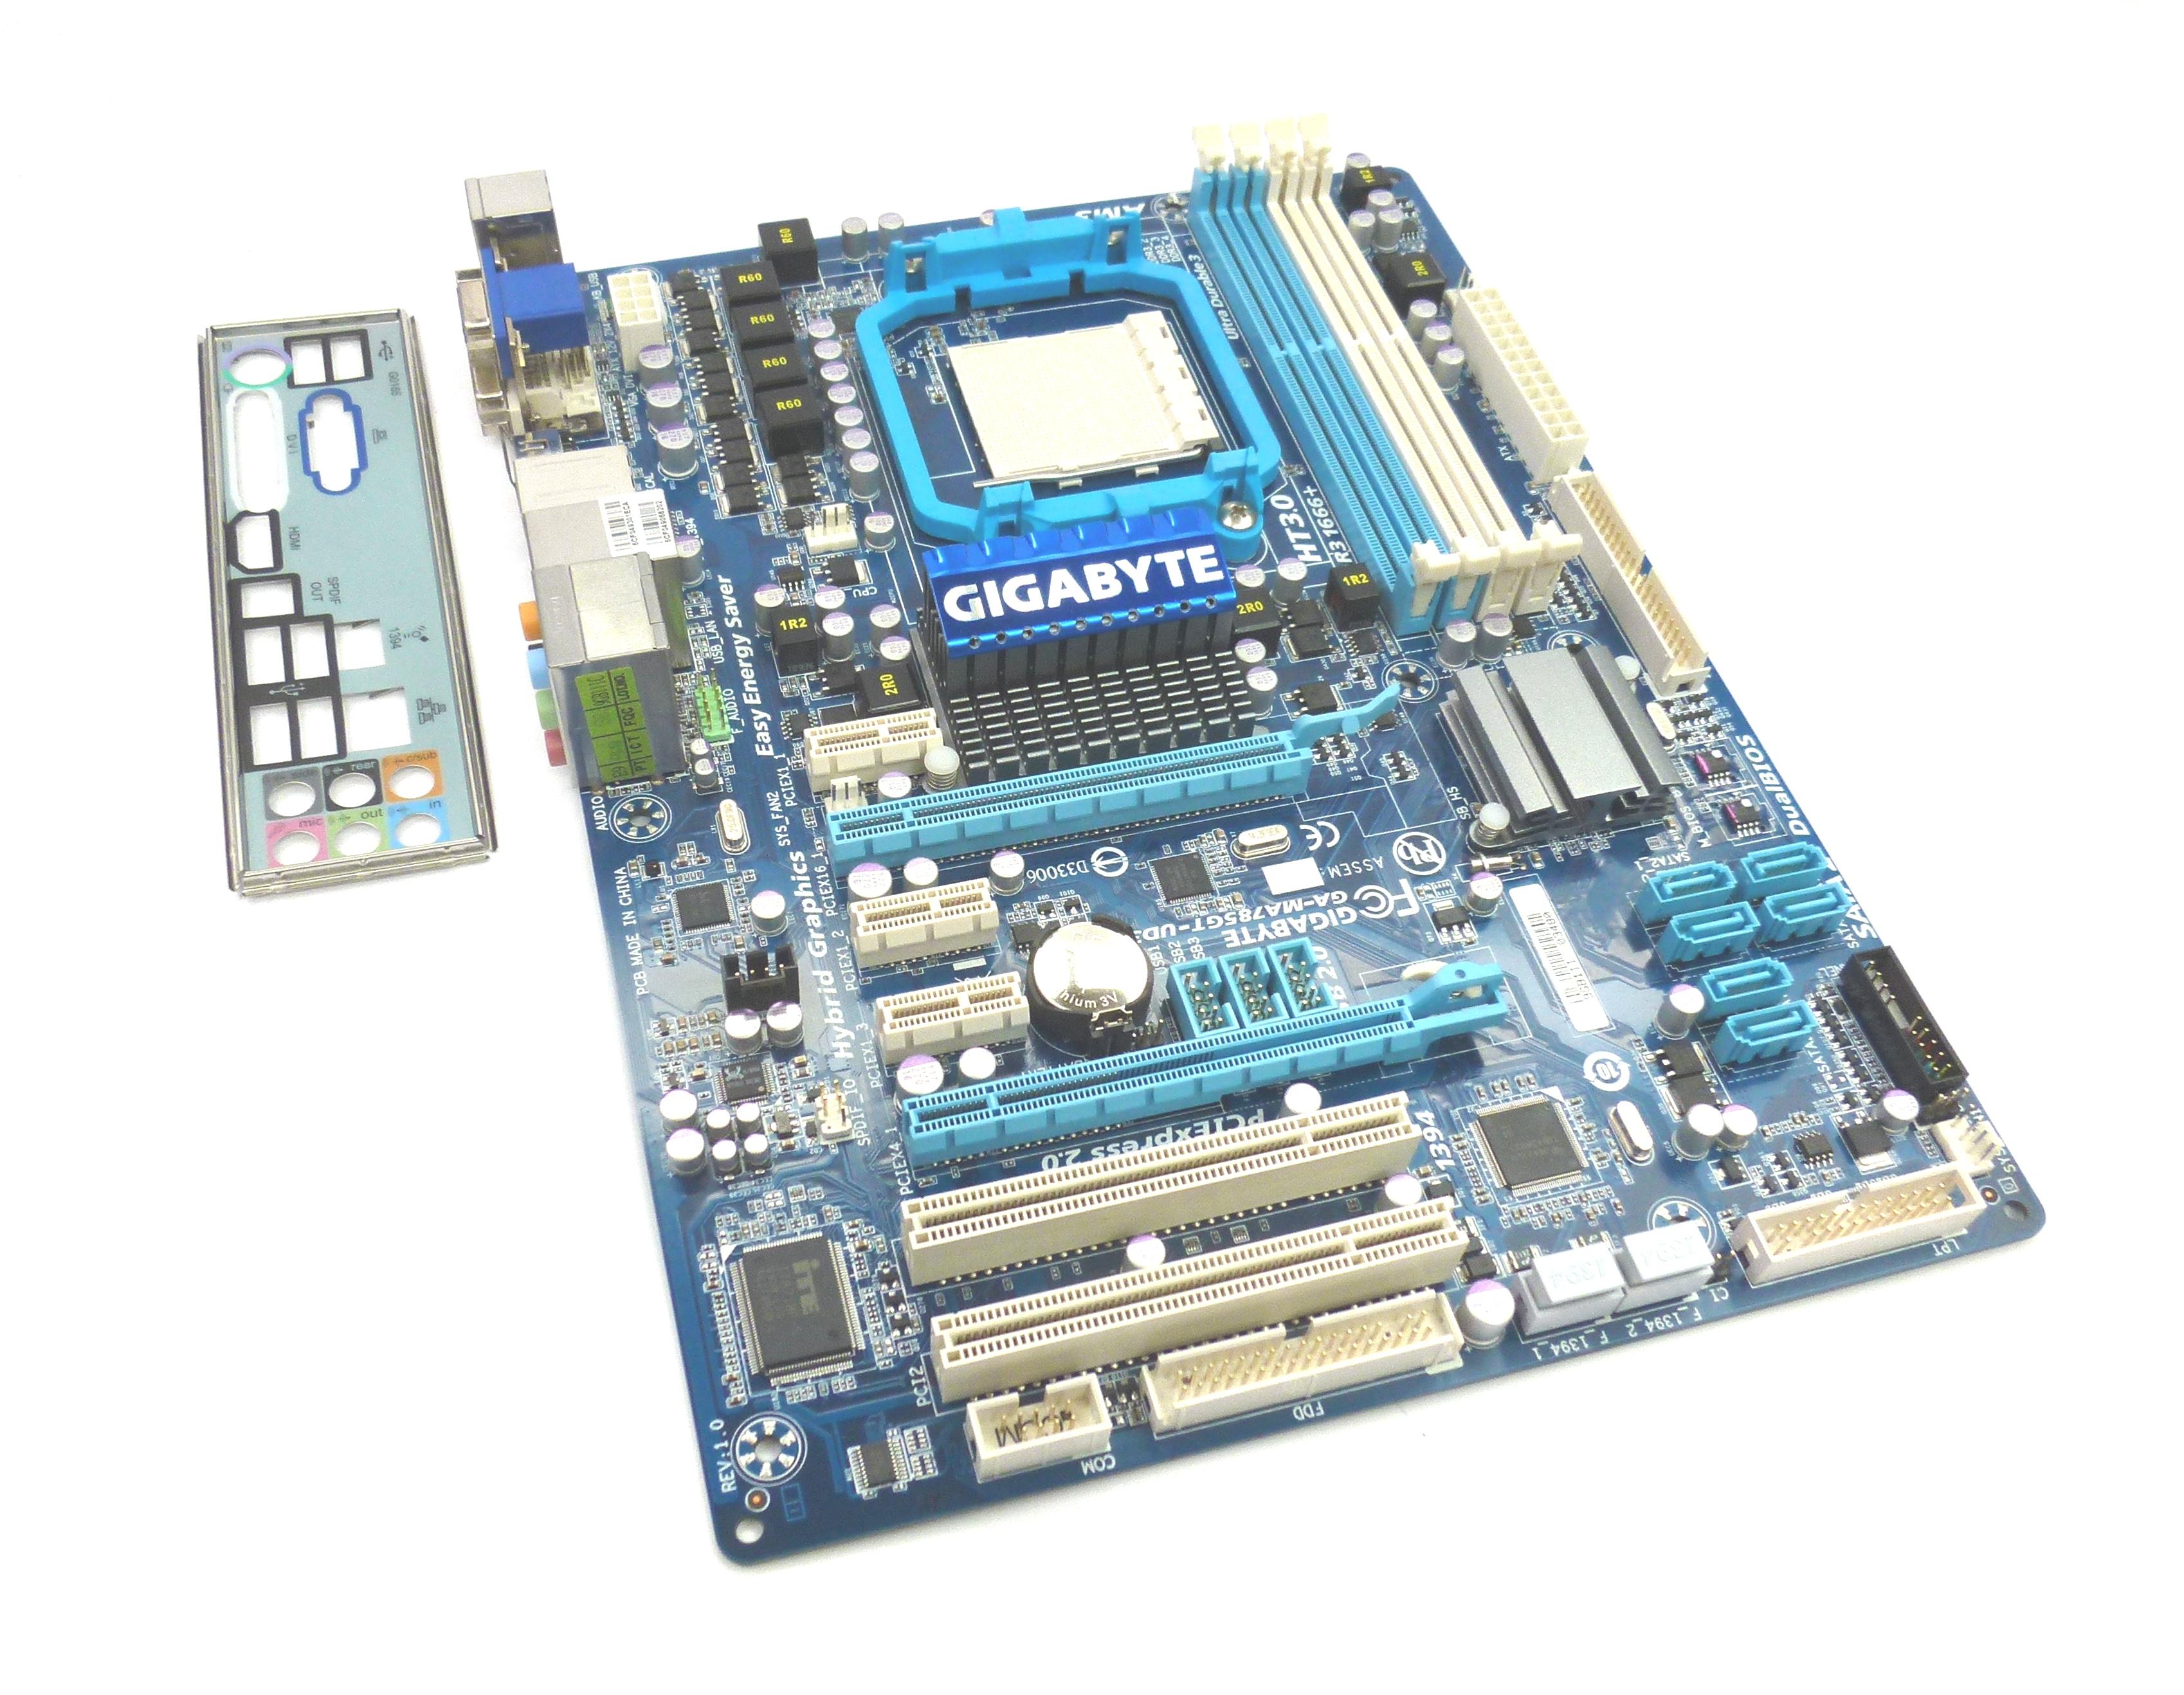 Gigabyte GA-MA785GT-UD3H Socket AM3 DDR3 Radeon HD 4200 ATX Motherboard